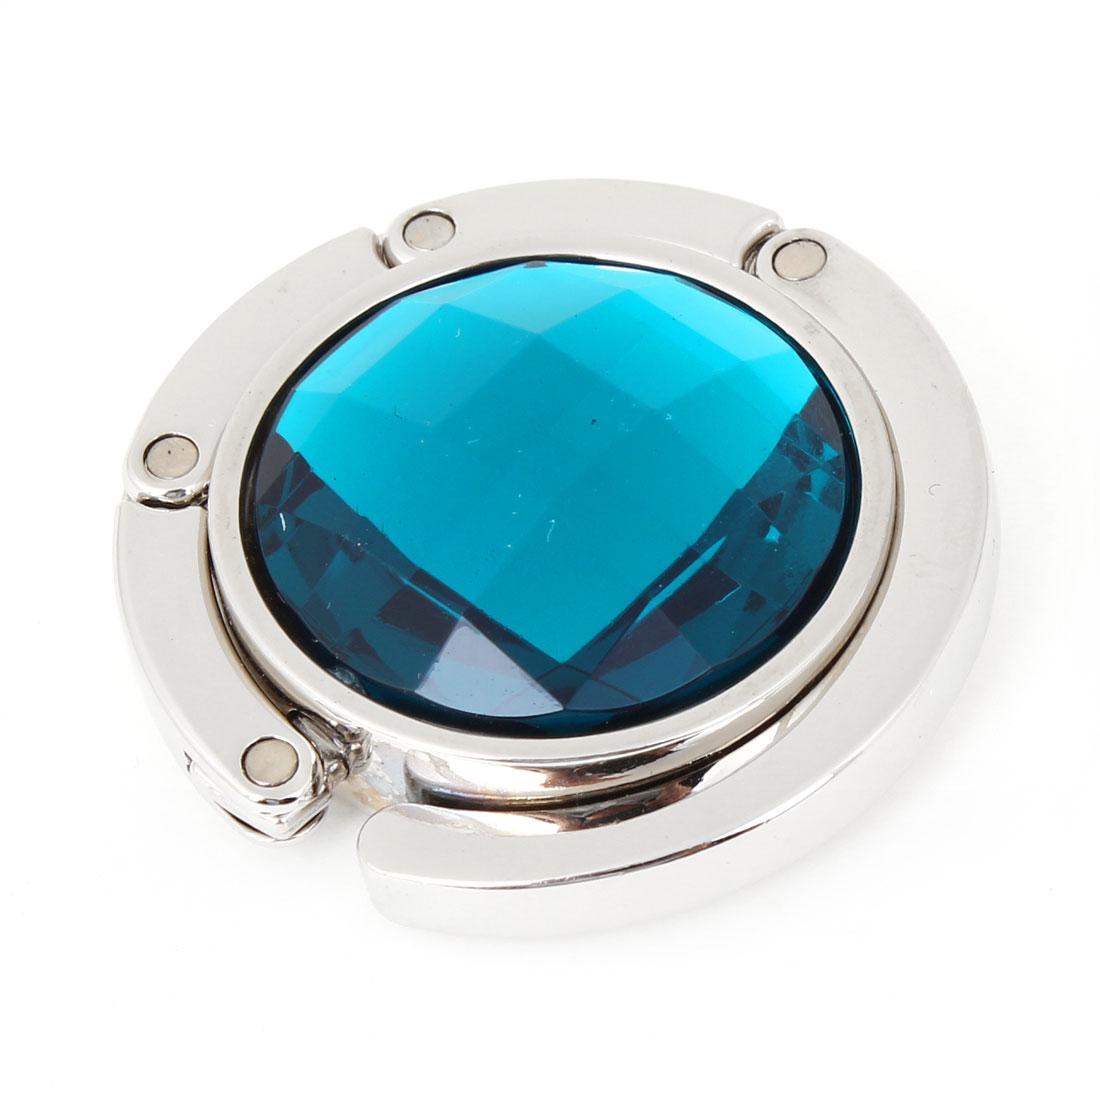 Ladies Teal Blue Plastic Crystal Detailing Rubber Base Handbag Hook Holder